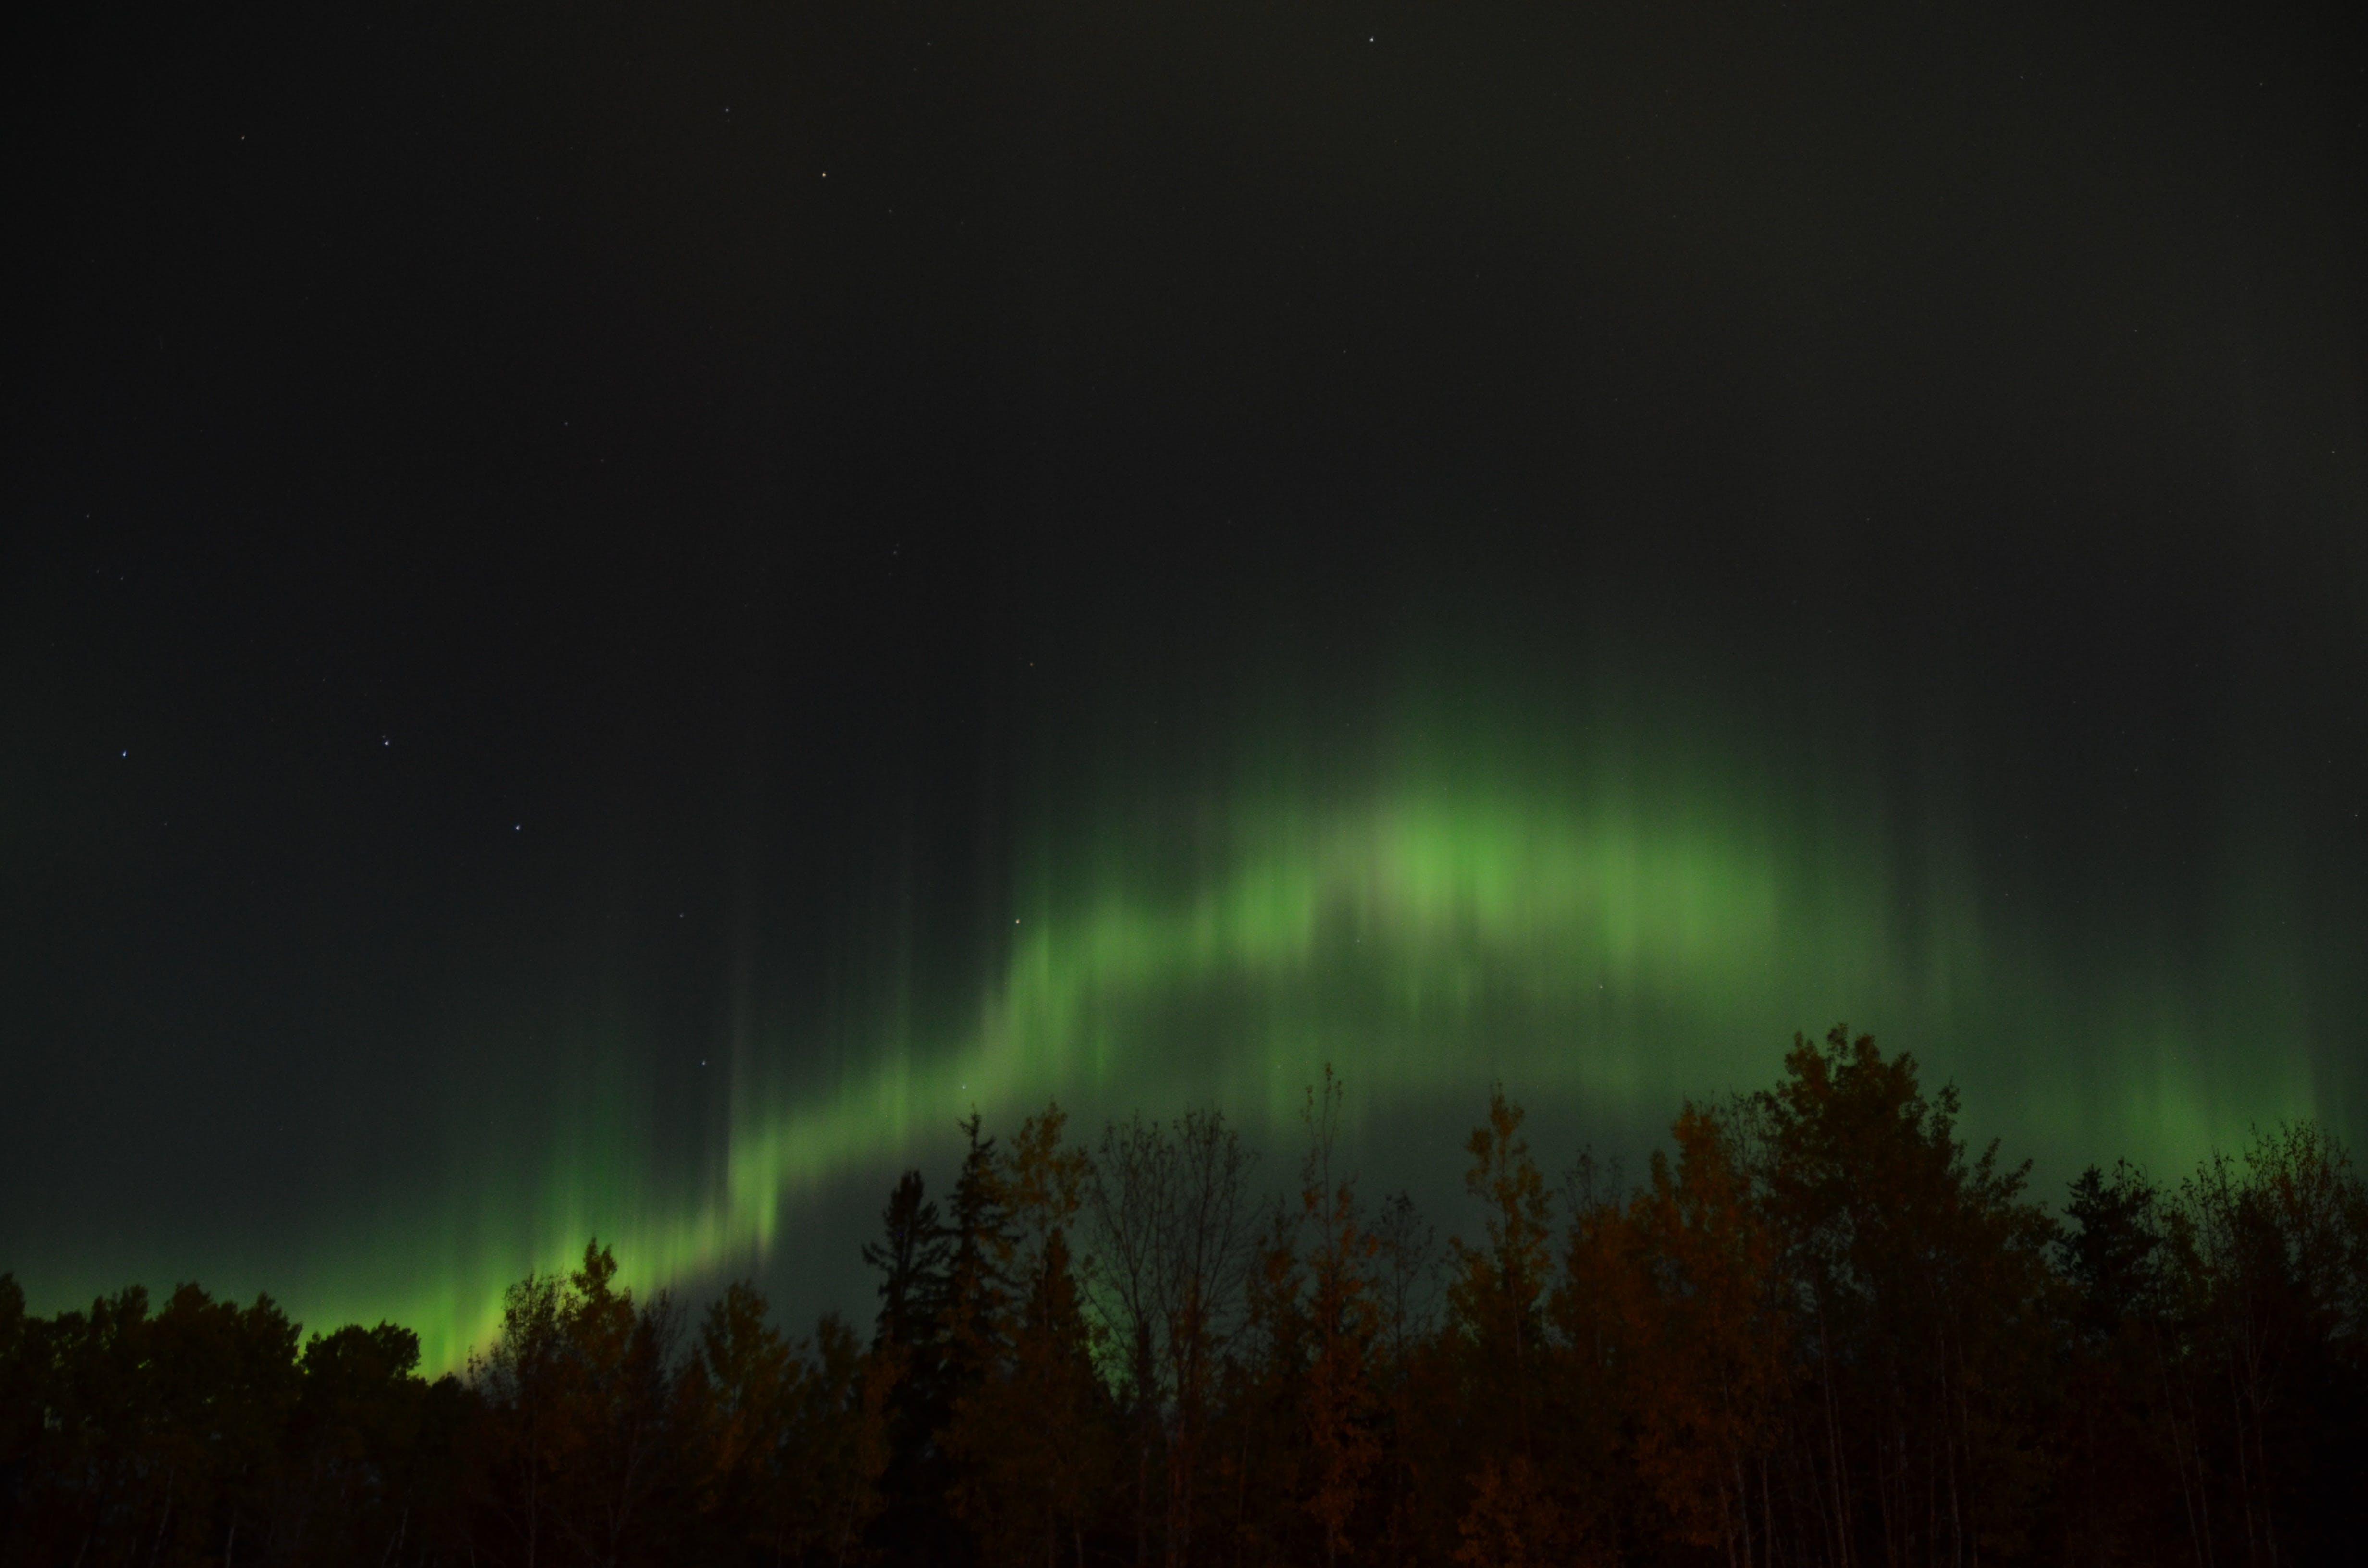 Kostenloses Stock Foto zu astronomie, atmosphäre, aufnahme von unten, bäume